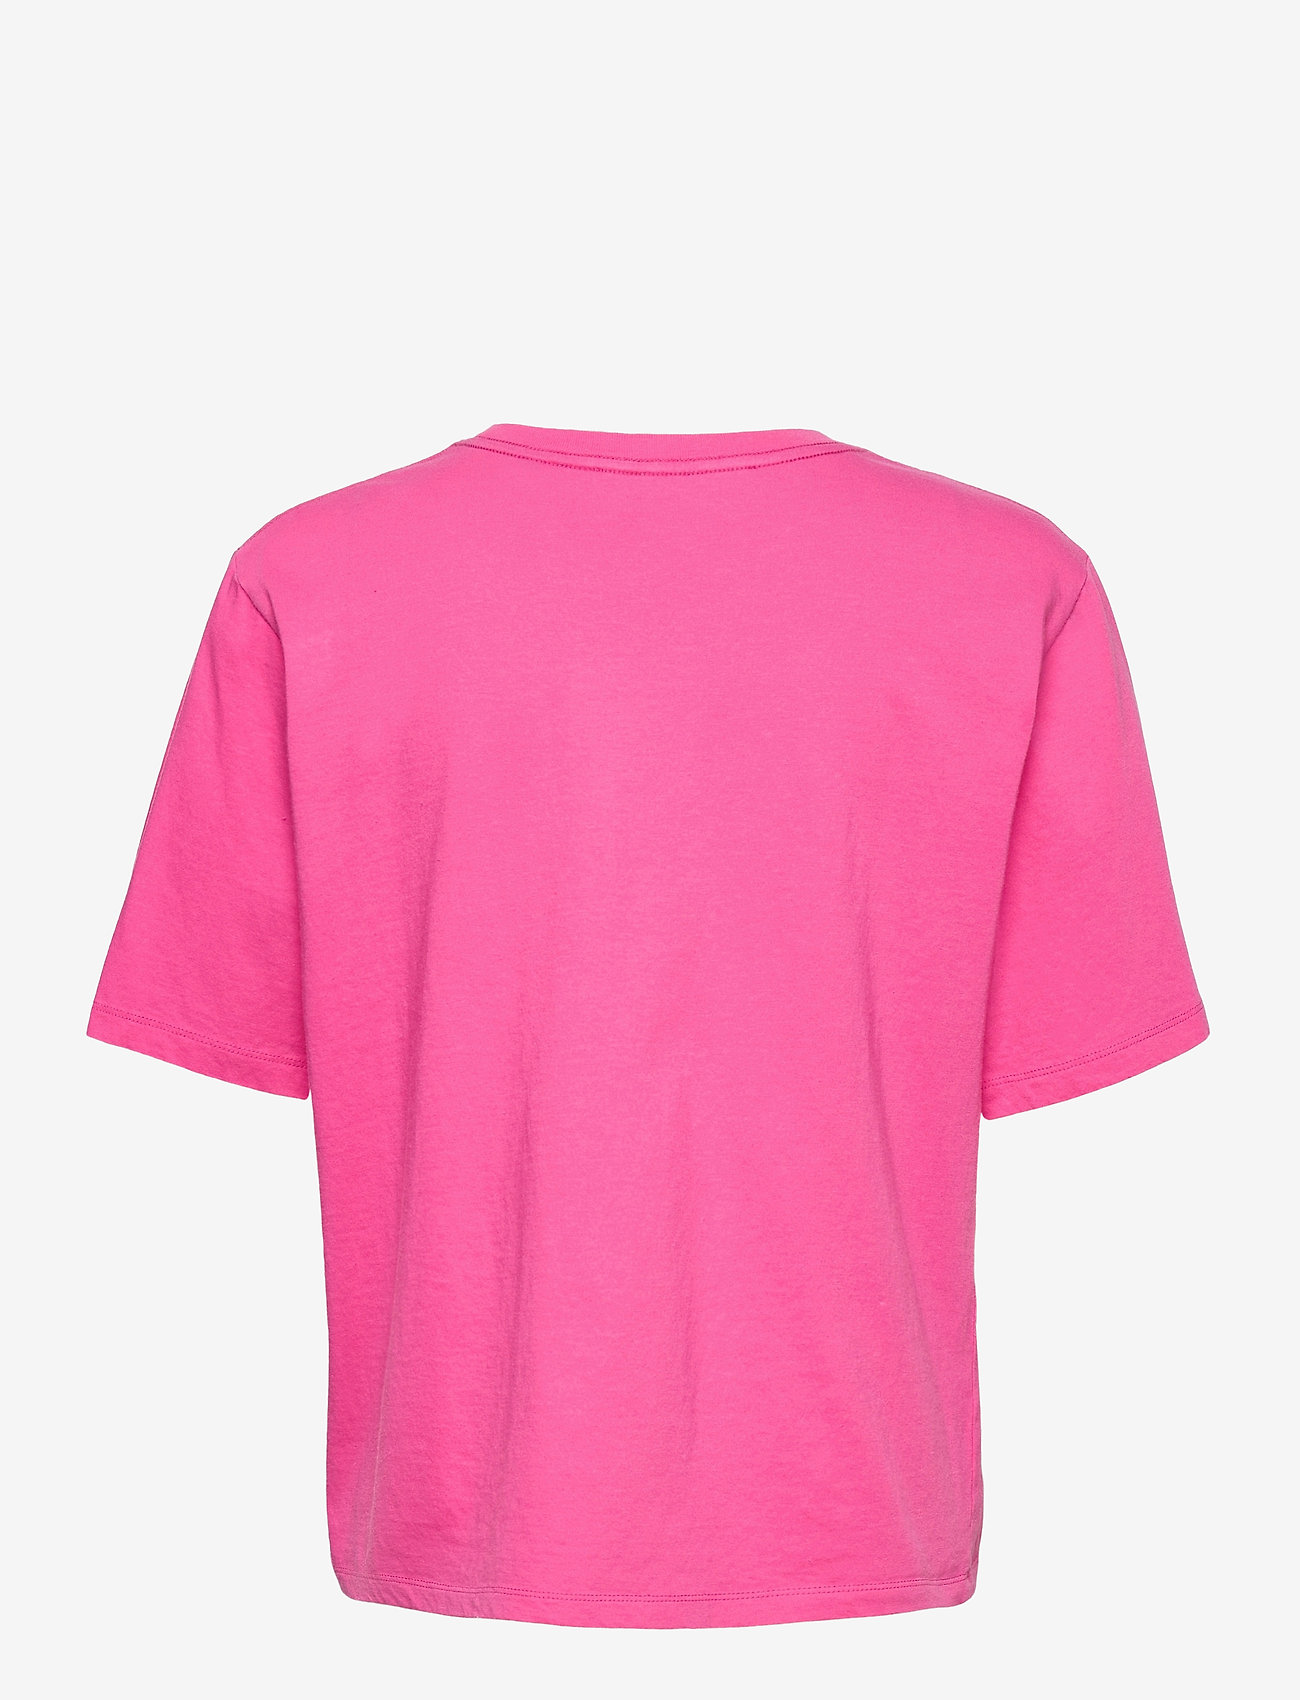 ROTATE Birger Christensen - Aster T-shirt - t-shirts - carmine rose - 1